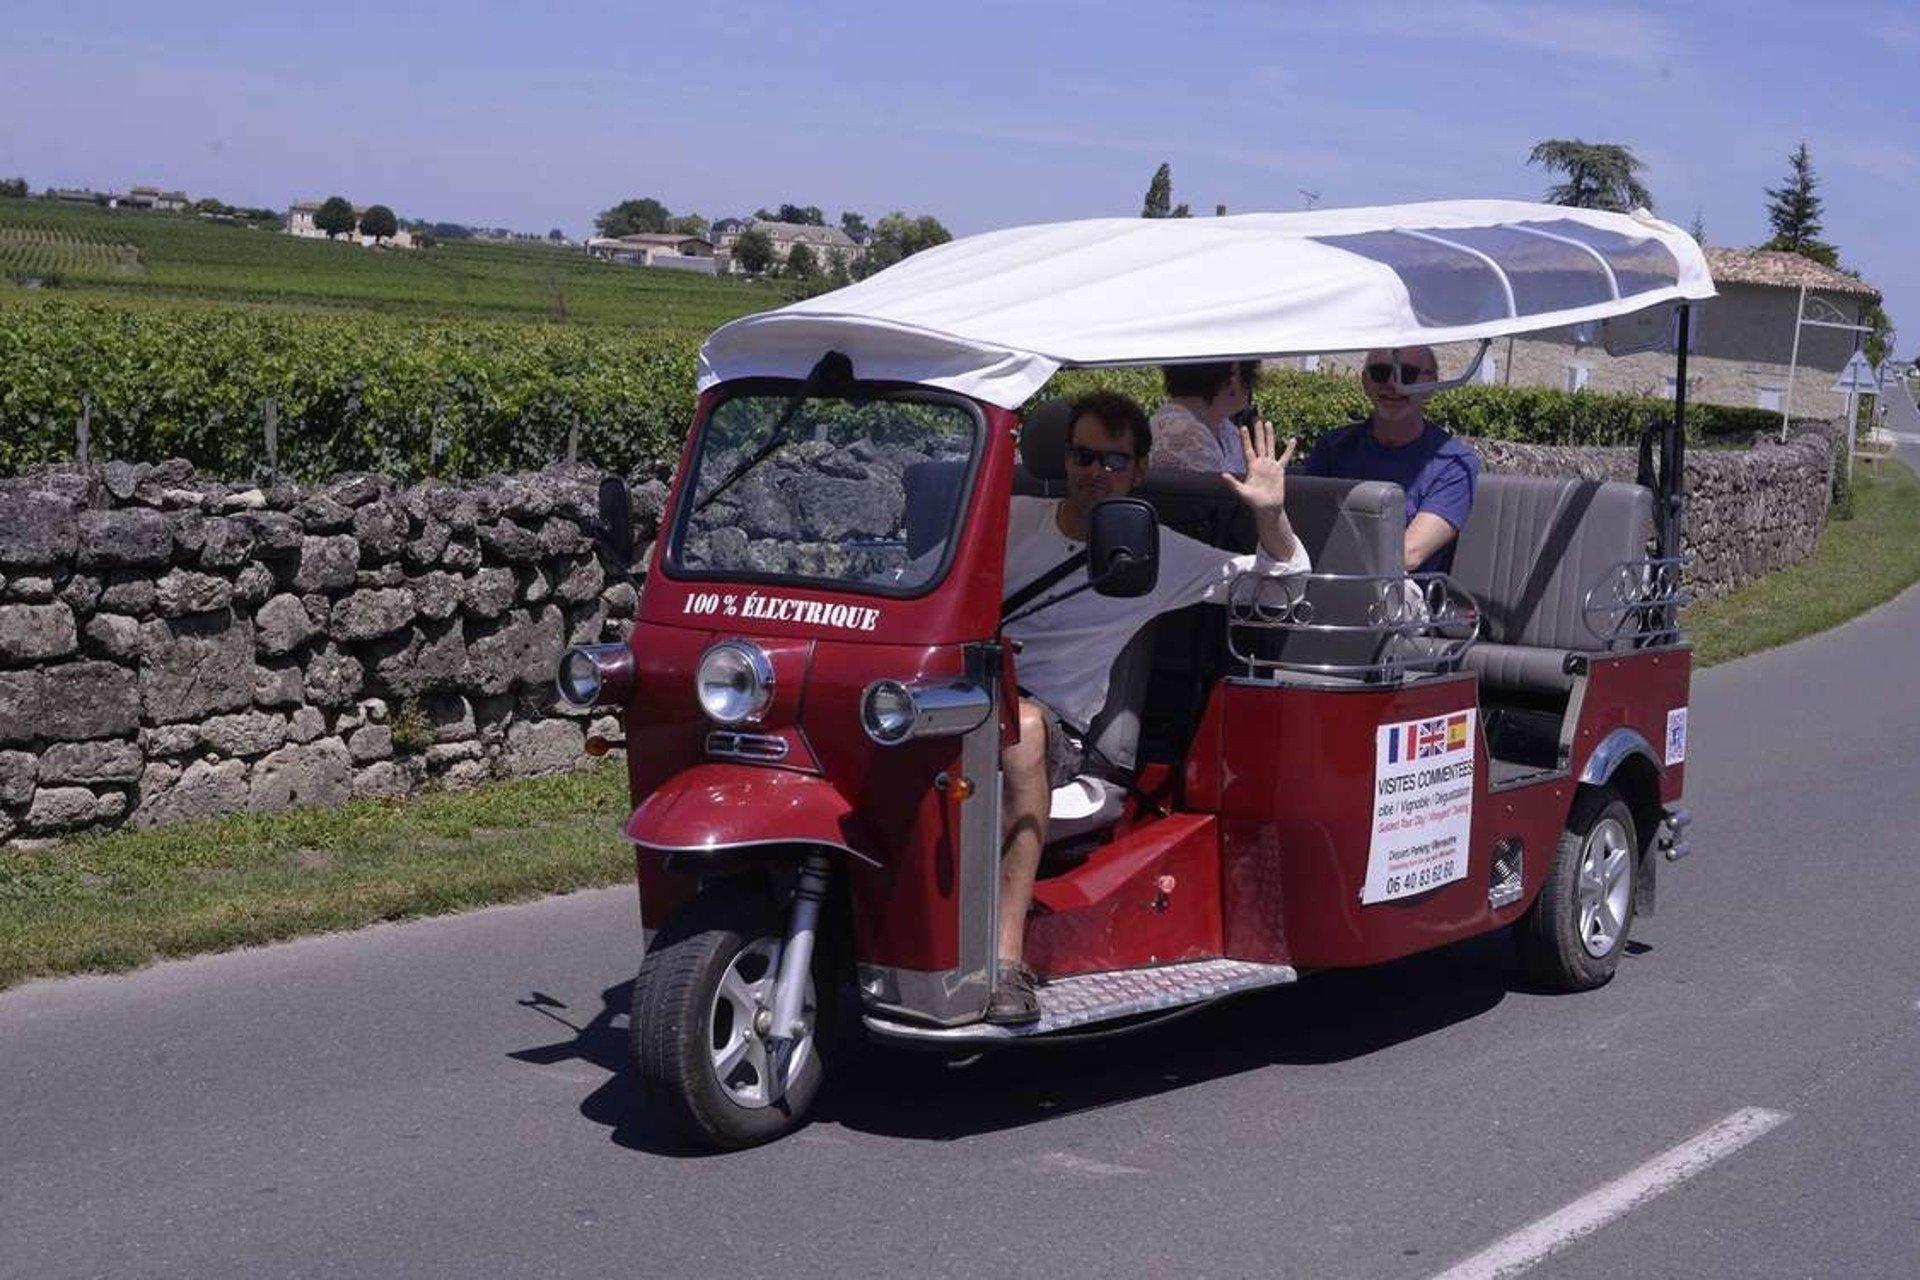 Le tuk-tuk électrique et ses passagers sur une route le long des vignobles